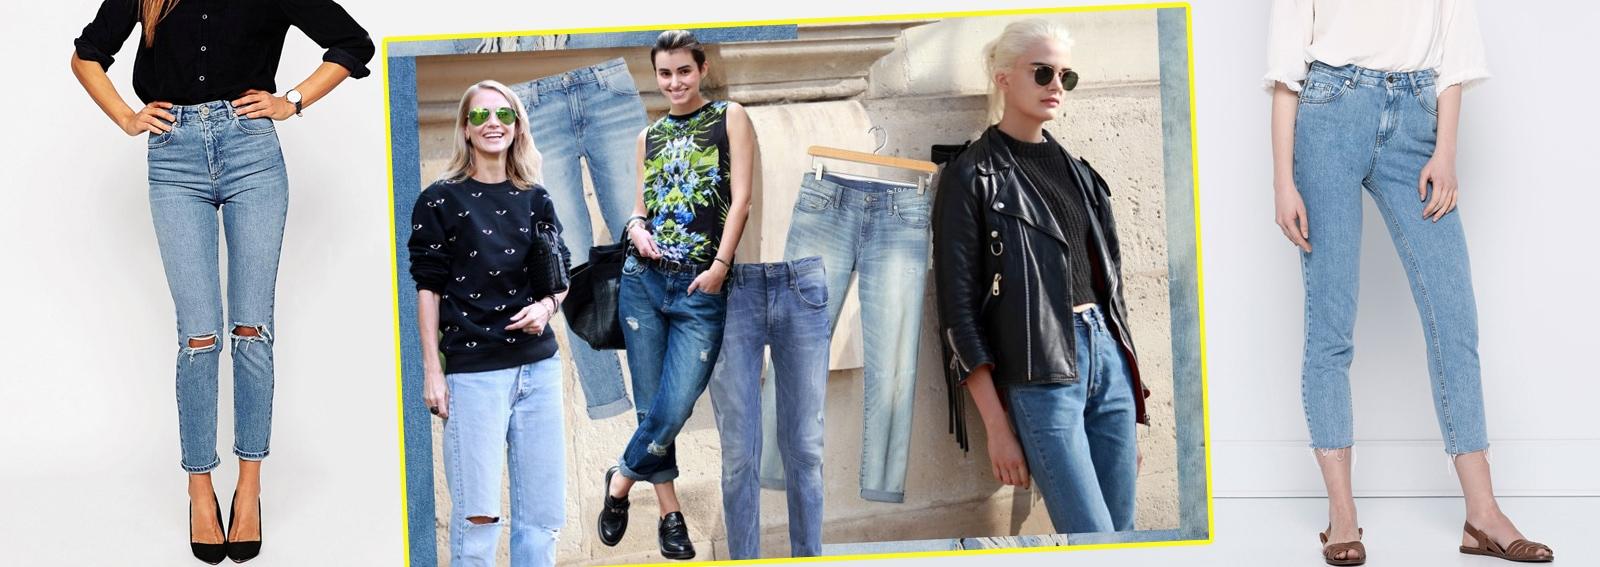 COVER-mom-jeans-boyfriend-girlfriend-DESKTOP